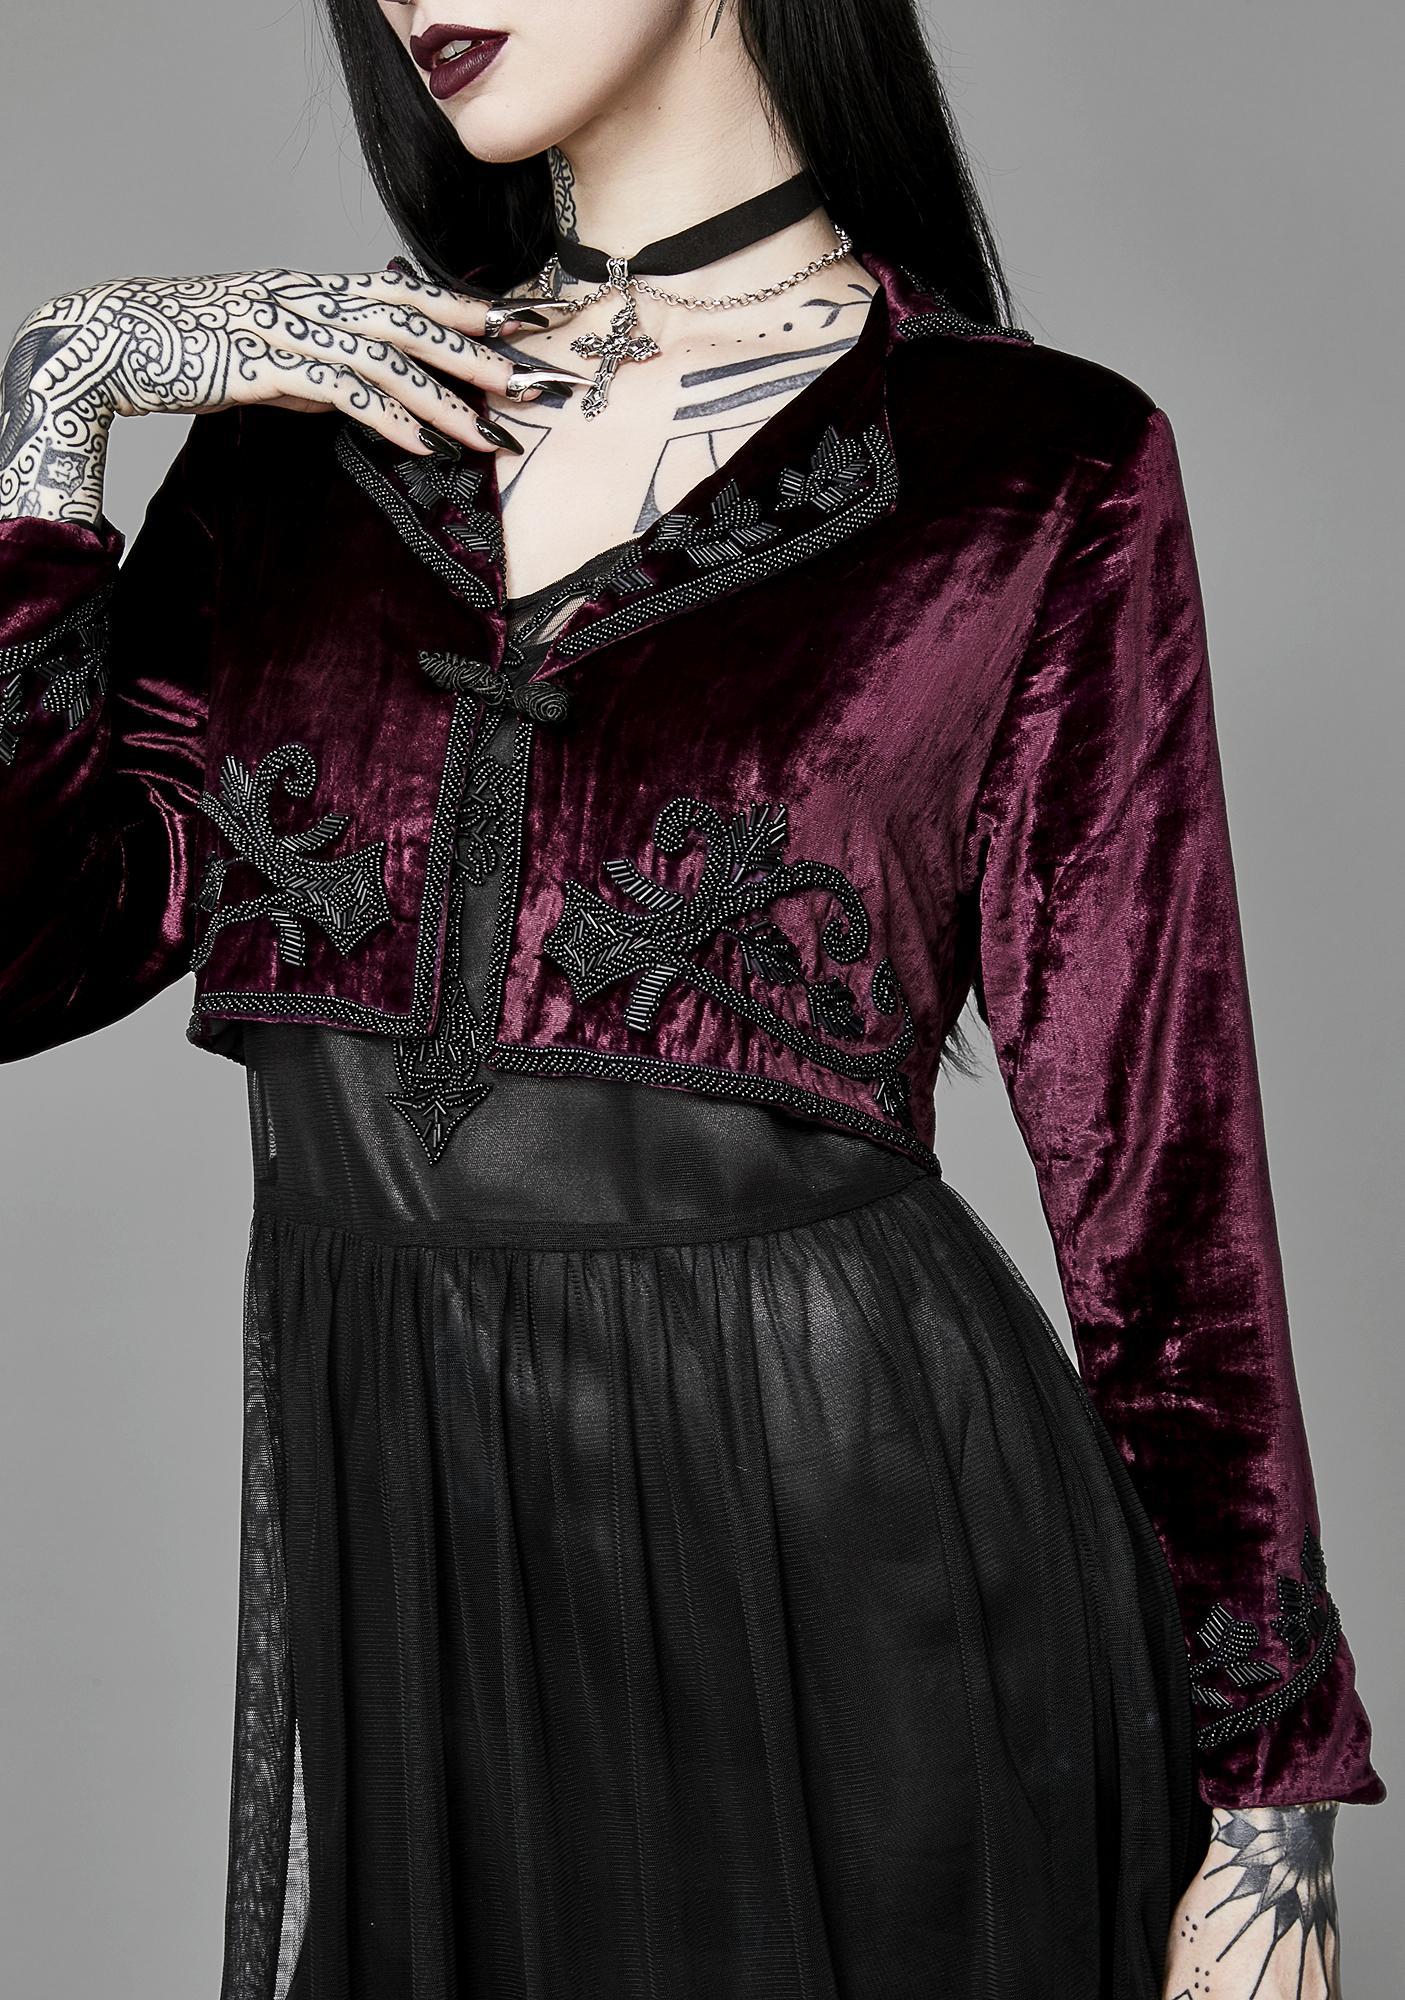 Widow Ritualistic Worship Beaded Jacket